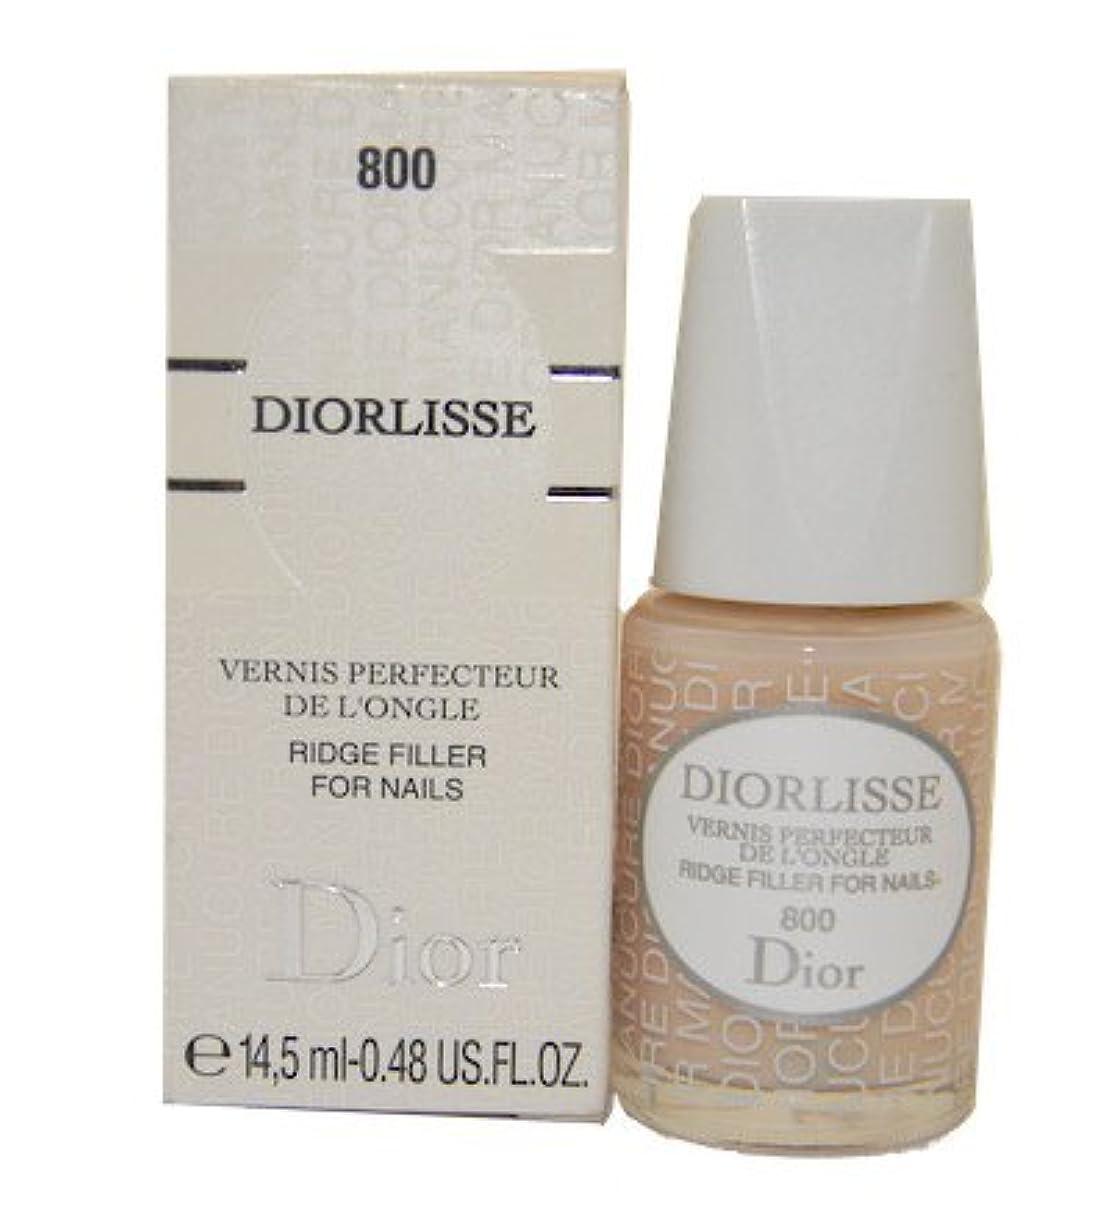 素晴らしい良い多くの練習拒絶Dior Diorlisse Ridge Filler For Nail 800(ディオールリス リッジフィラー フォーネイル 800)[海外直送品] [並行輸入品]